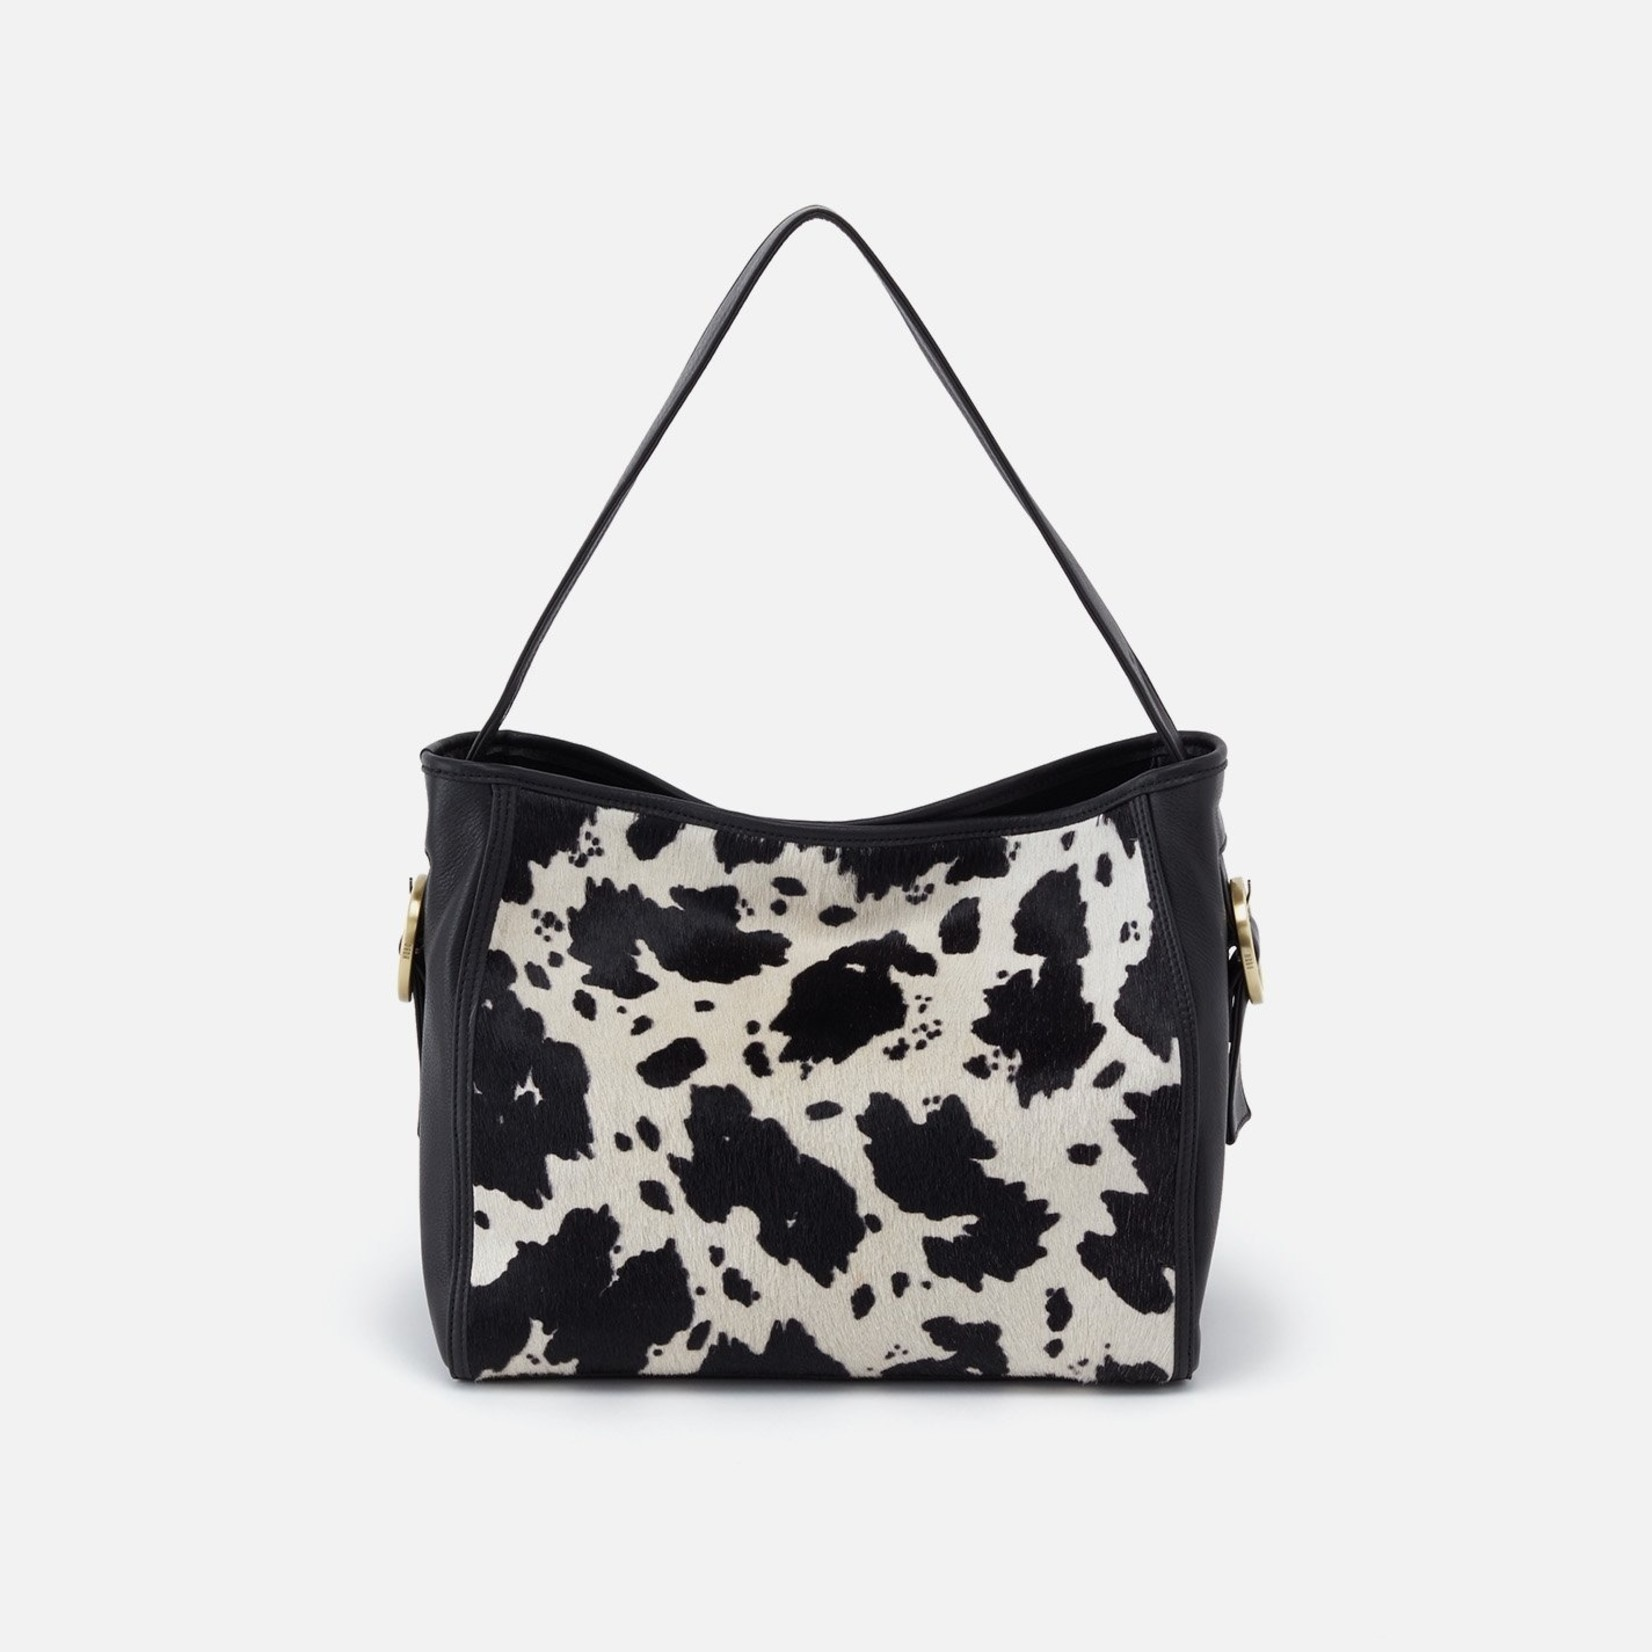 HOBO Bags Render Shoulder Bag Cow Print